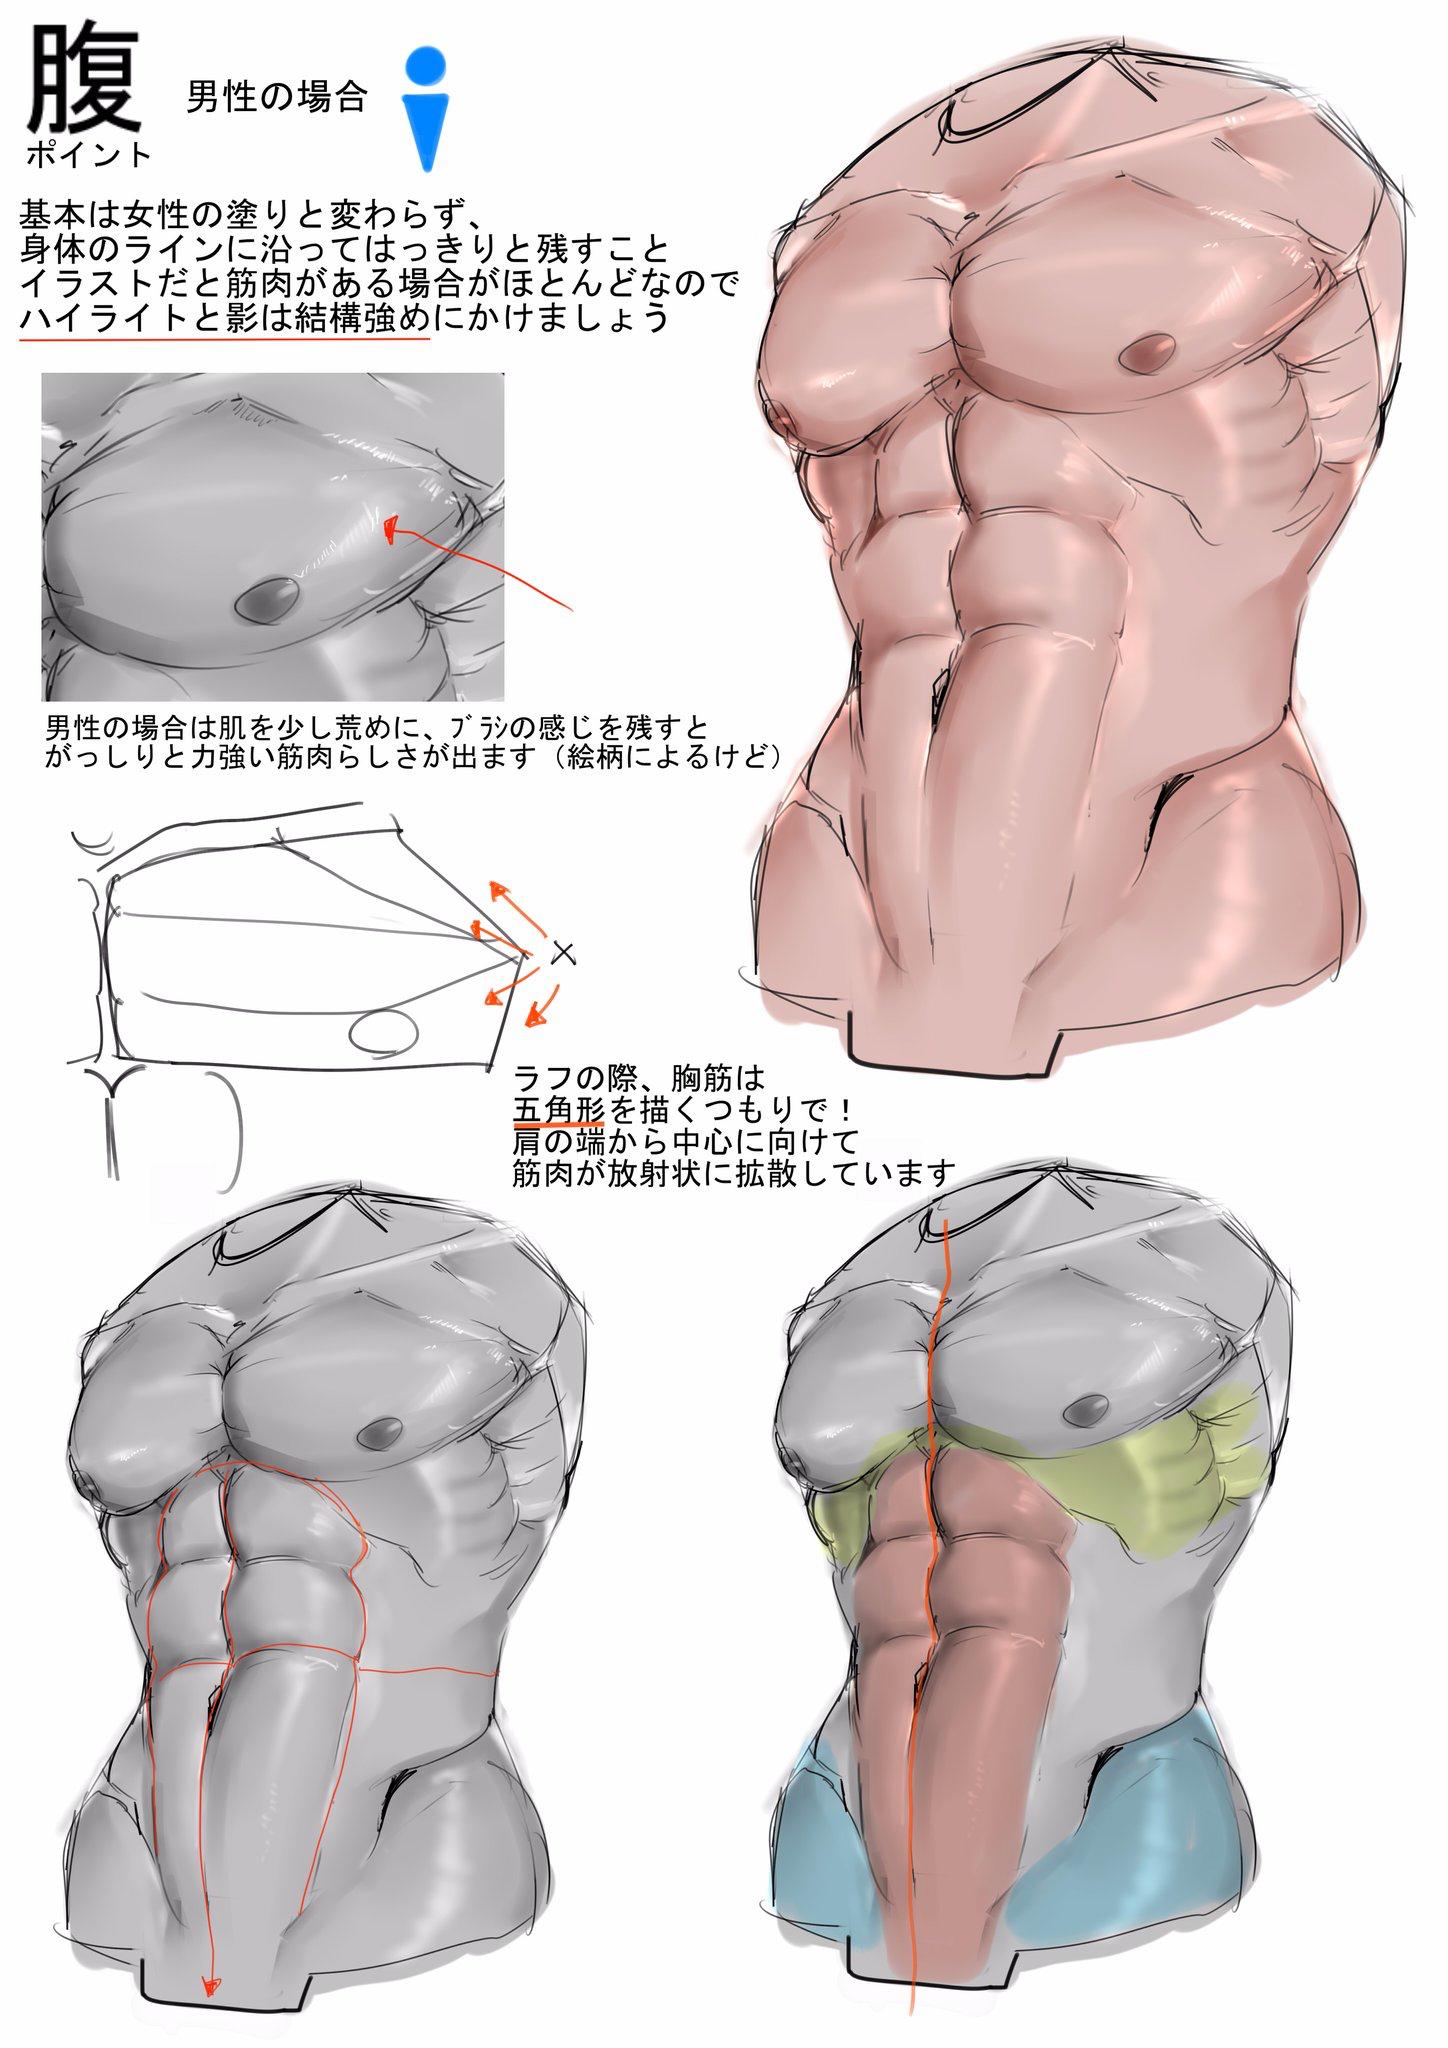 Pin de Gabriel Perez en Art | Pinterest | Anatomía, Tutoriales y Dibujo